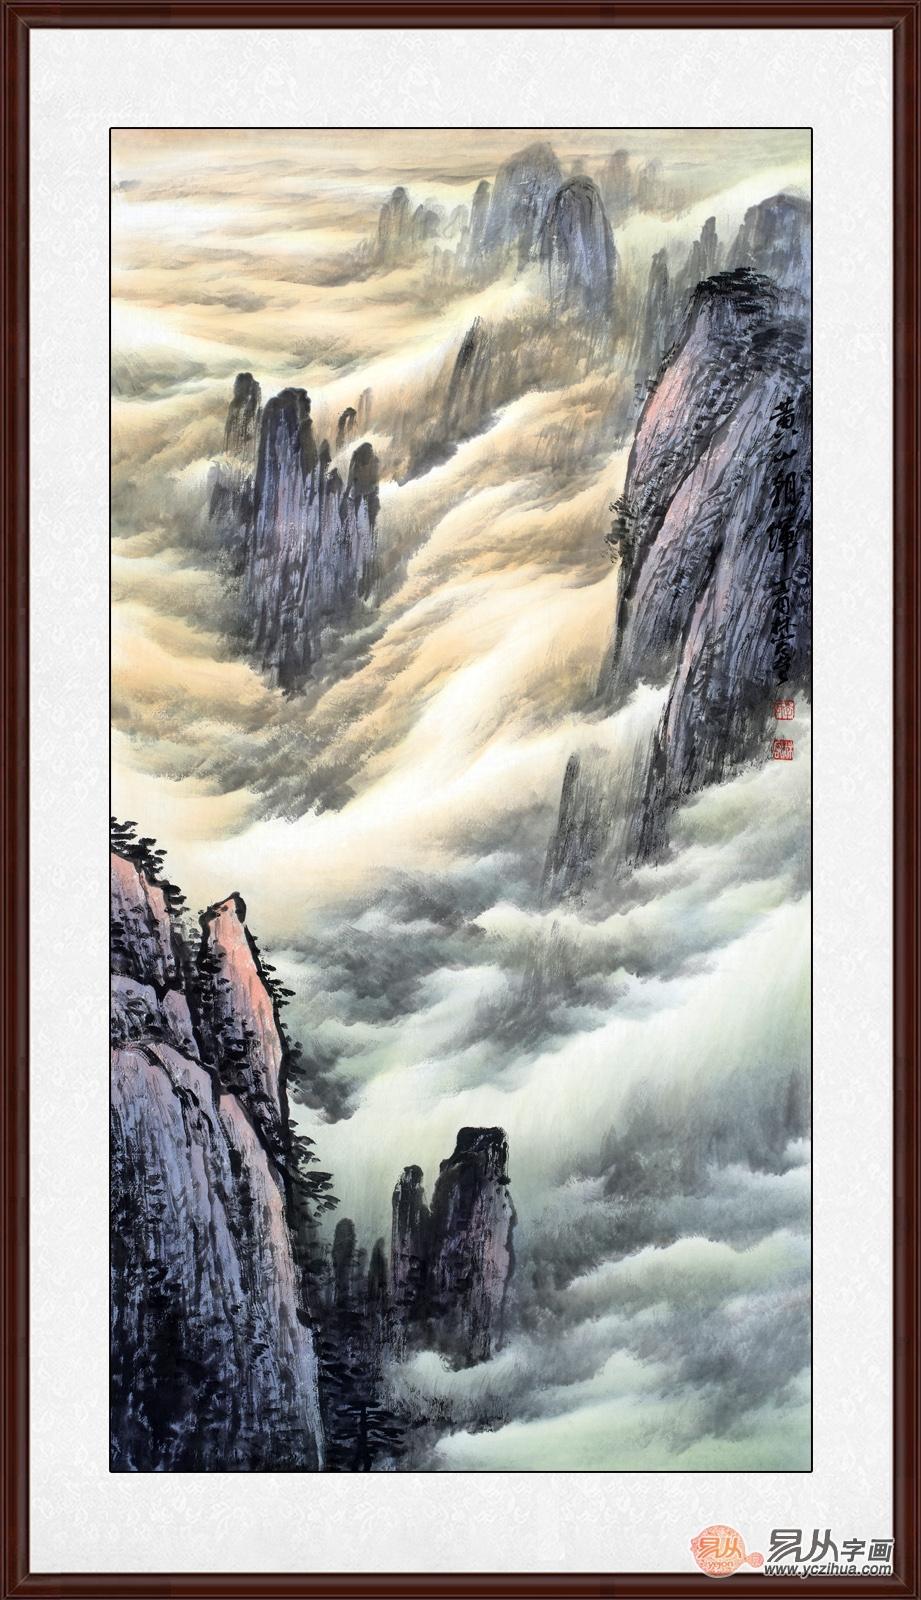 简约风家装装饰画推荐:为山水画的丰富含义竖大拇指,真不简单!